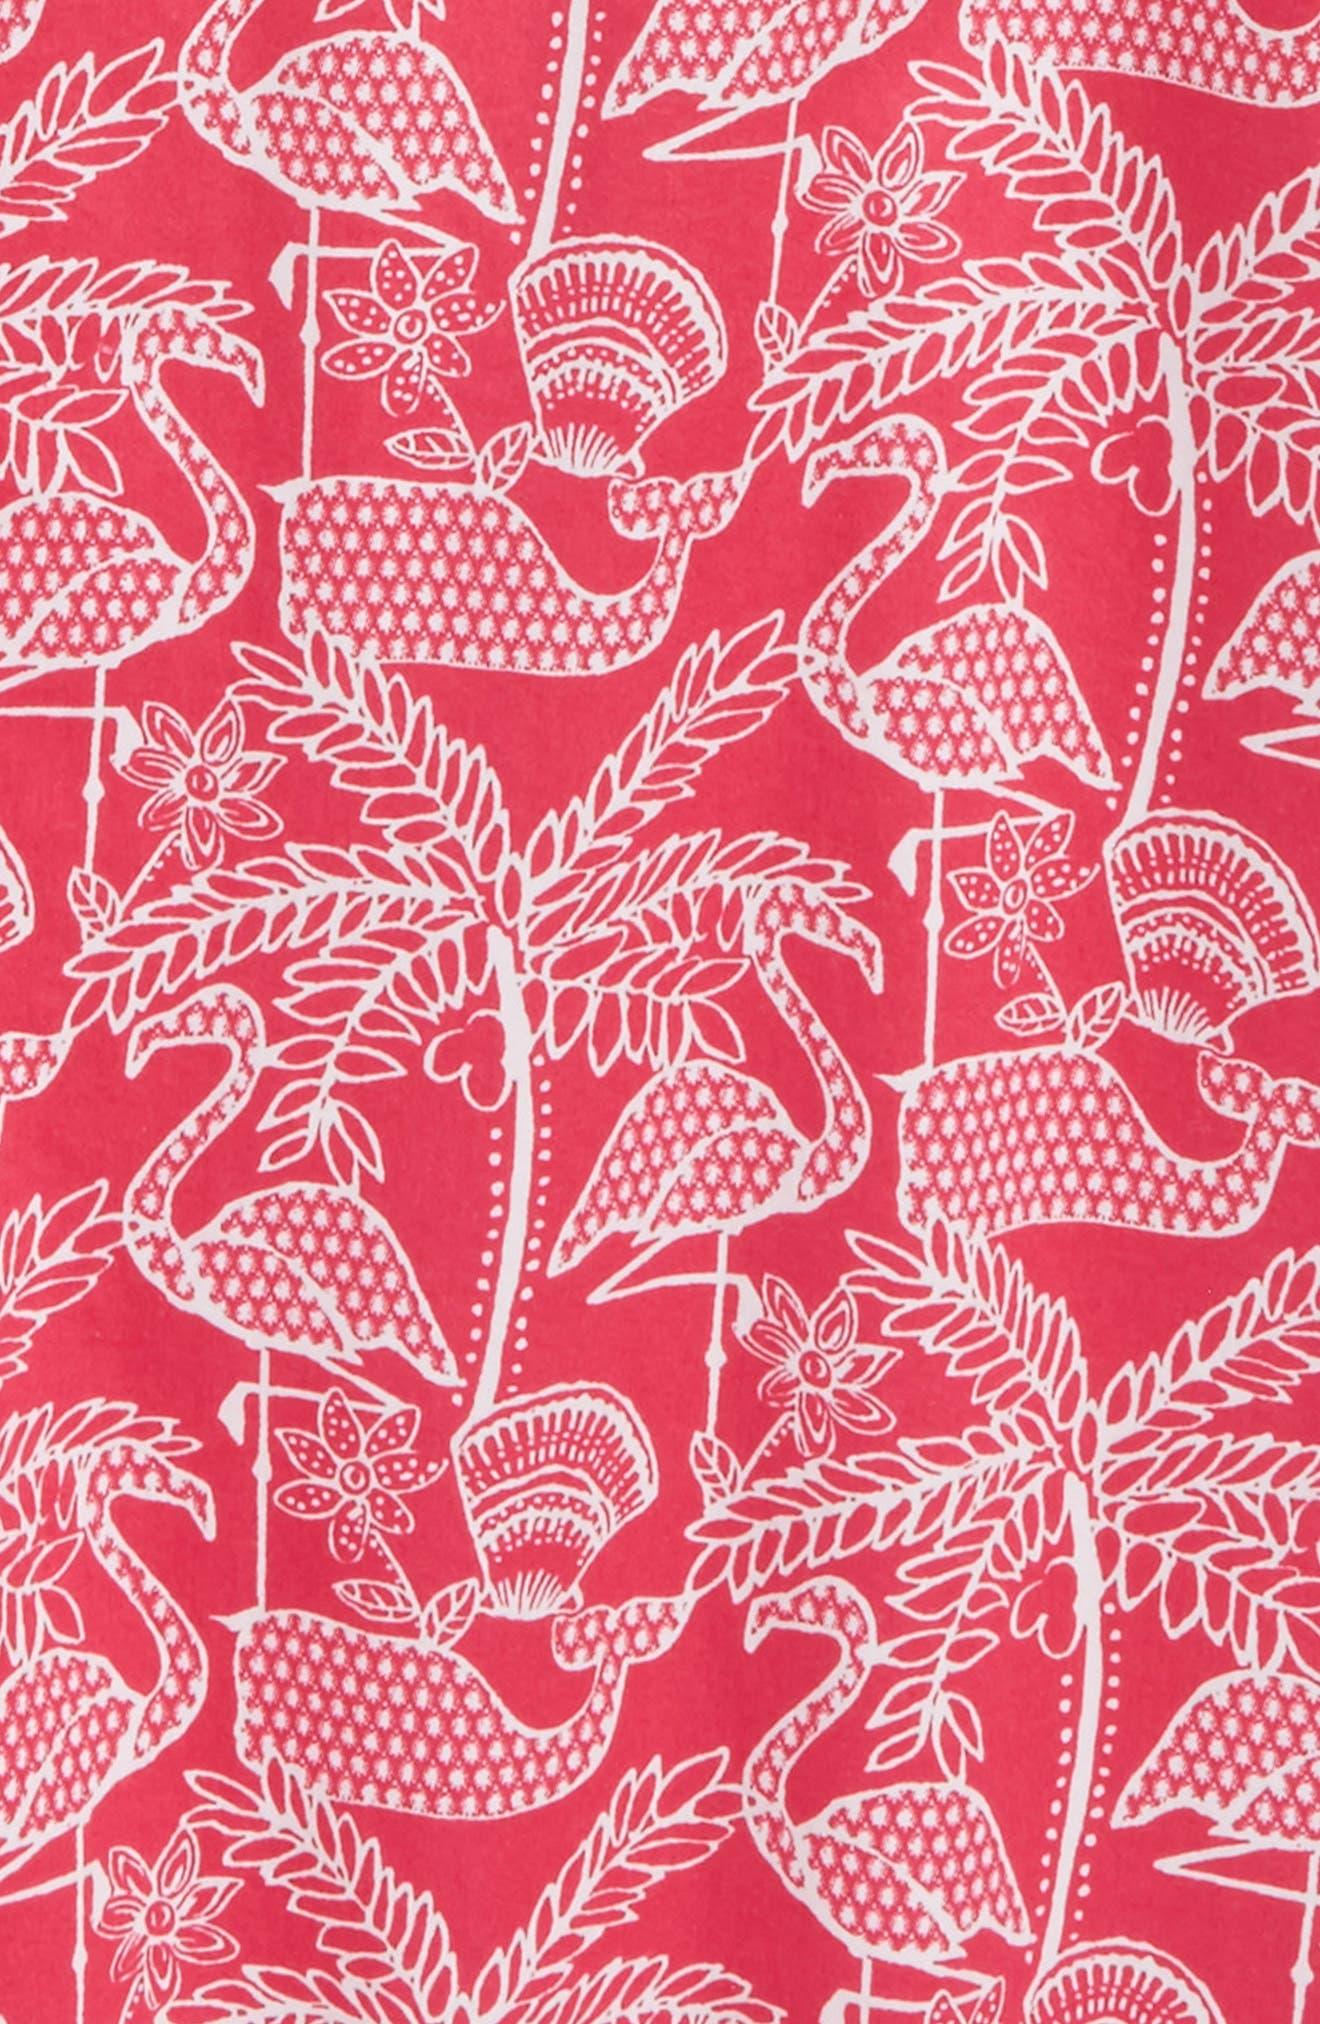 Flamingo Print Shift Dress,                             Alternate thumbnail 3, color,                             658